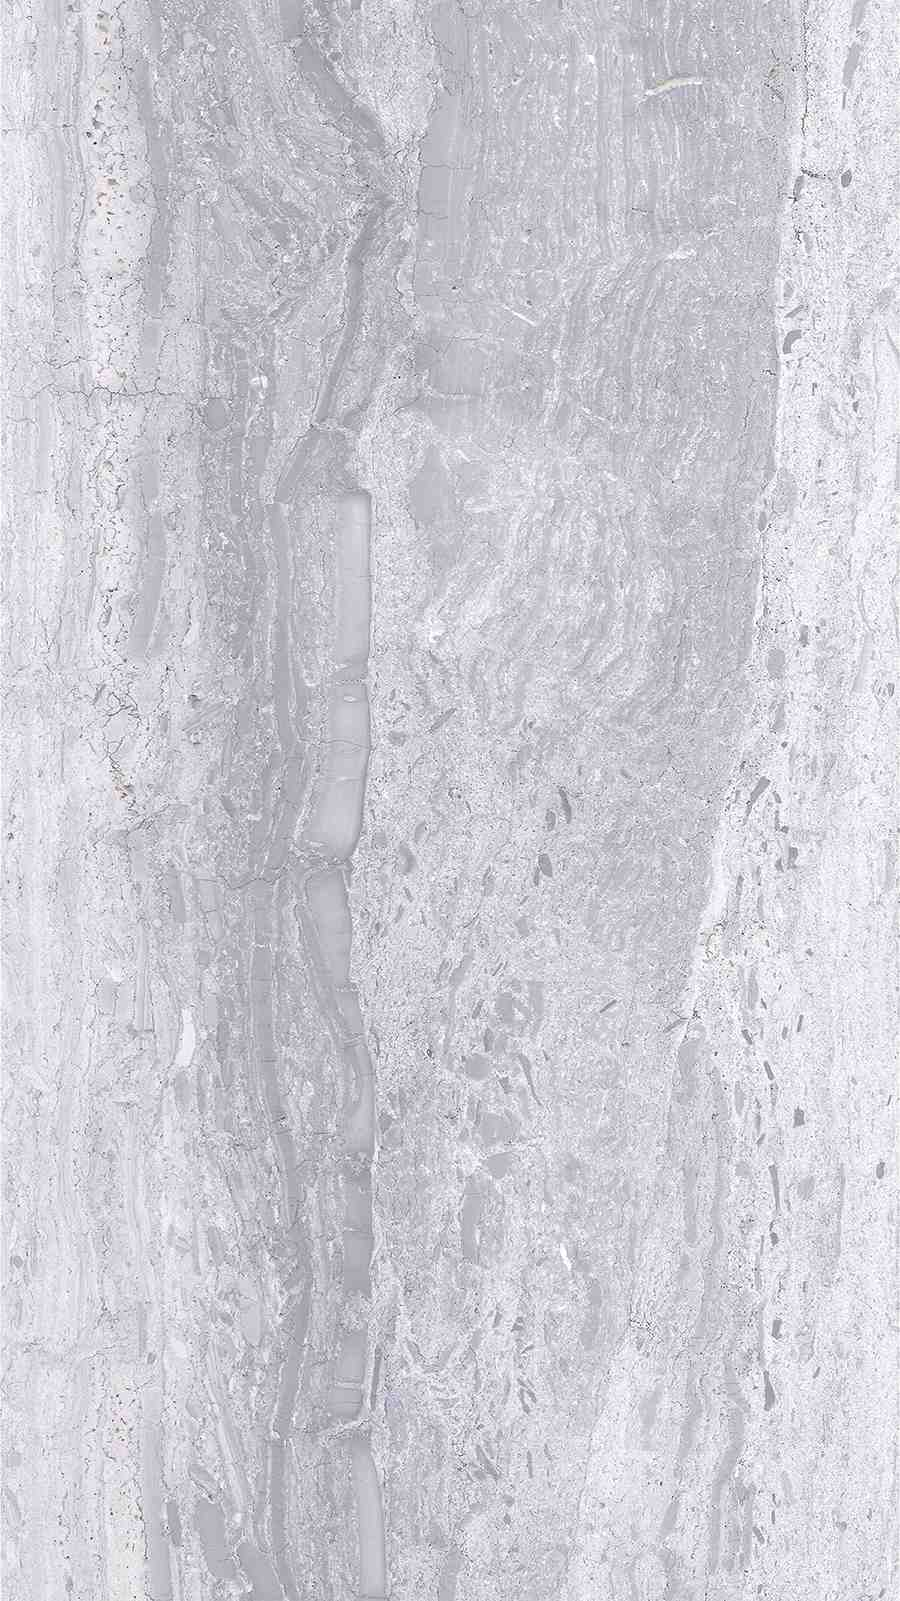 Woodgrain Silver